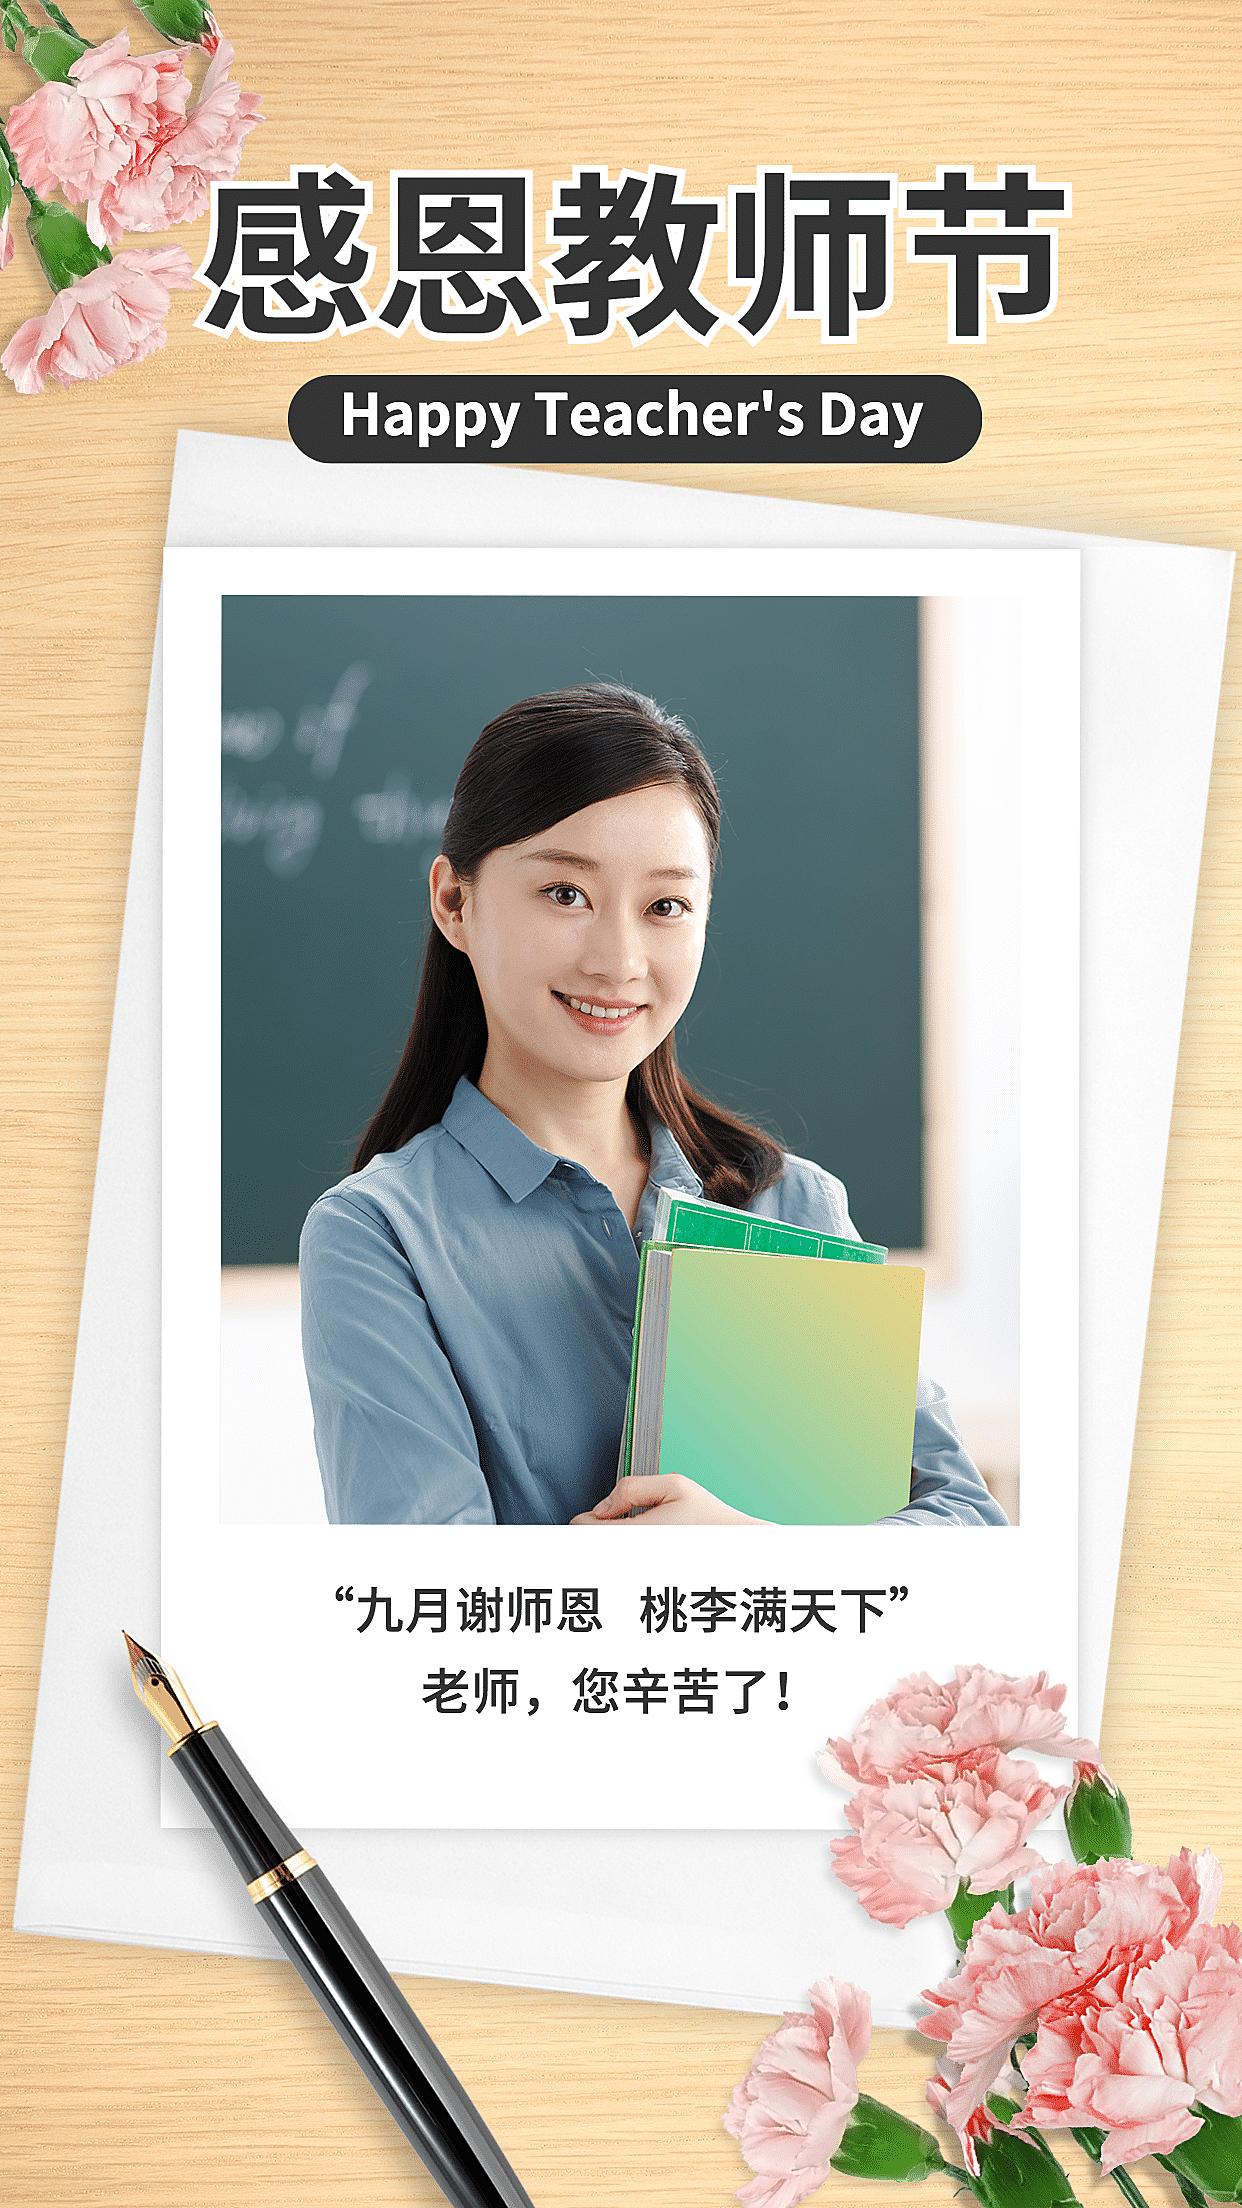 实景教师节节日祝福信封鲜花晒照